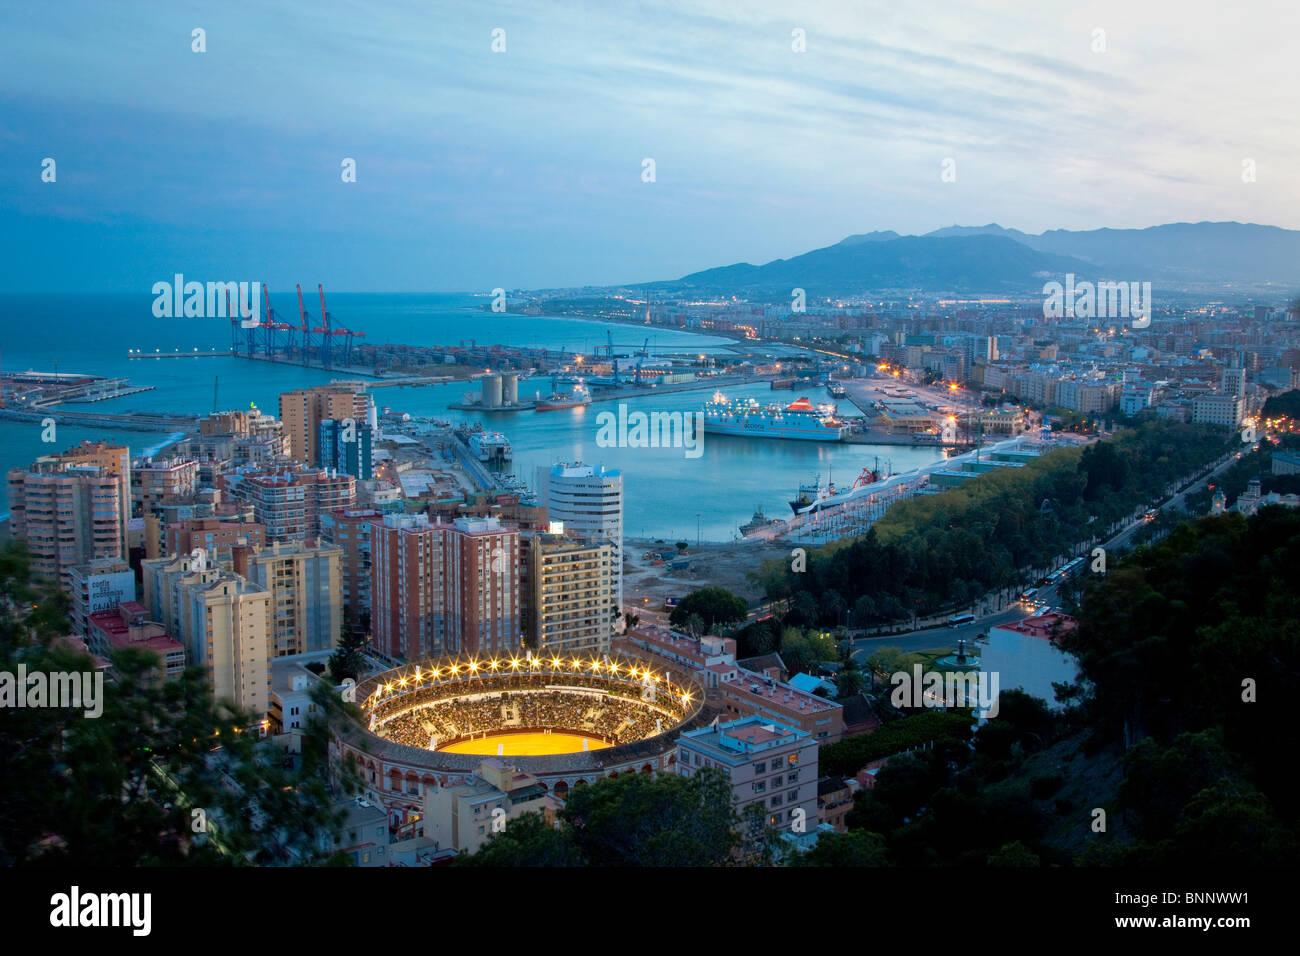 Spagna barcellona catalogna notte acqua porto barche corrida arena arena Andalusia Spagna turismo itinerante vacanza Immagini Stock